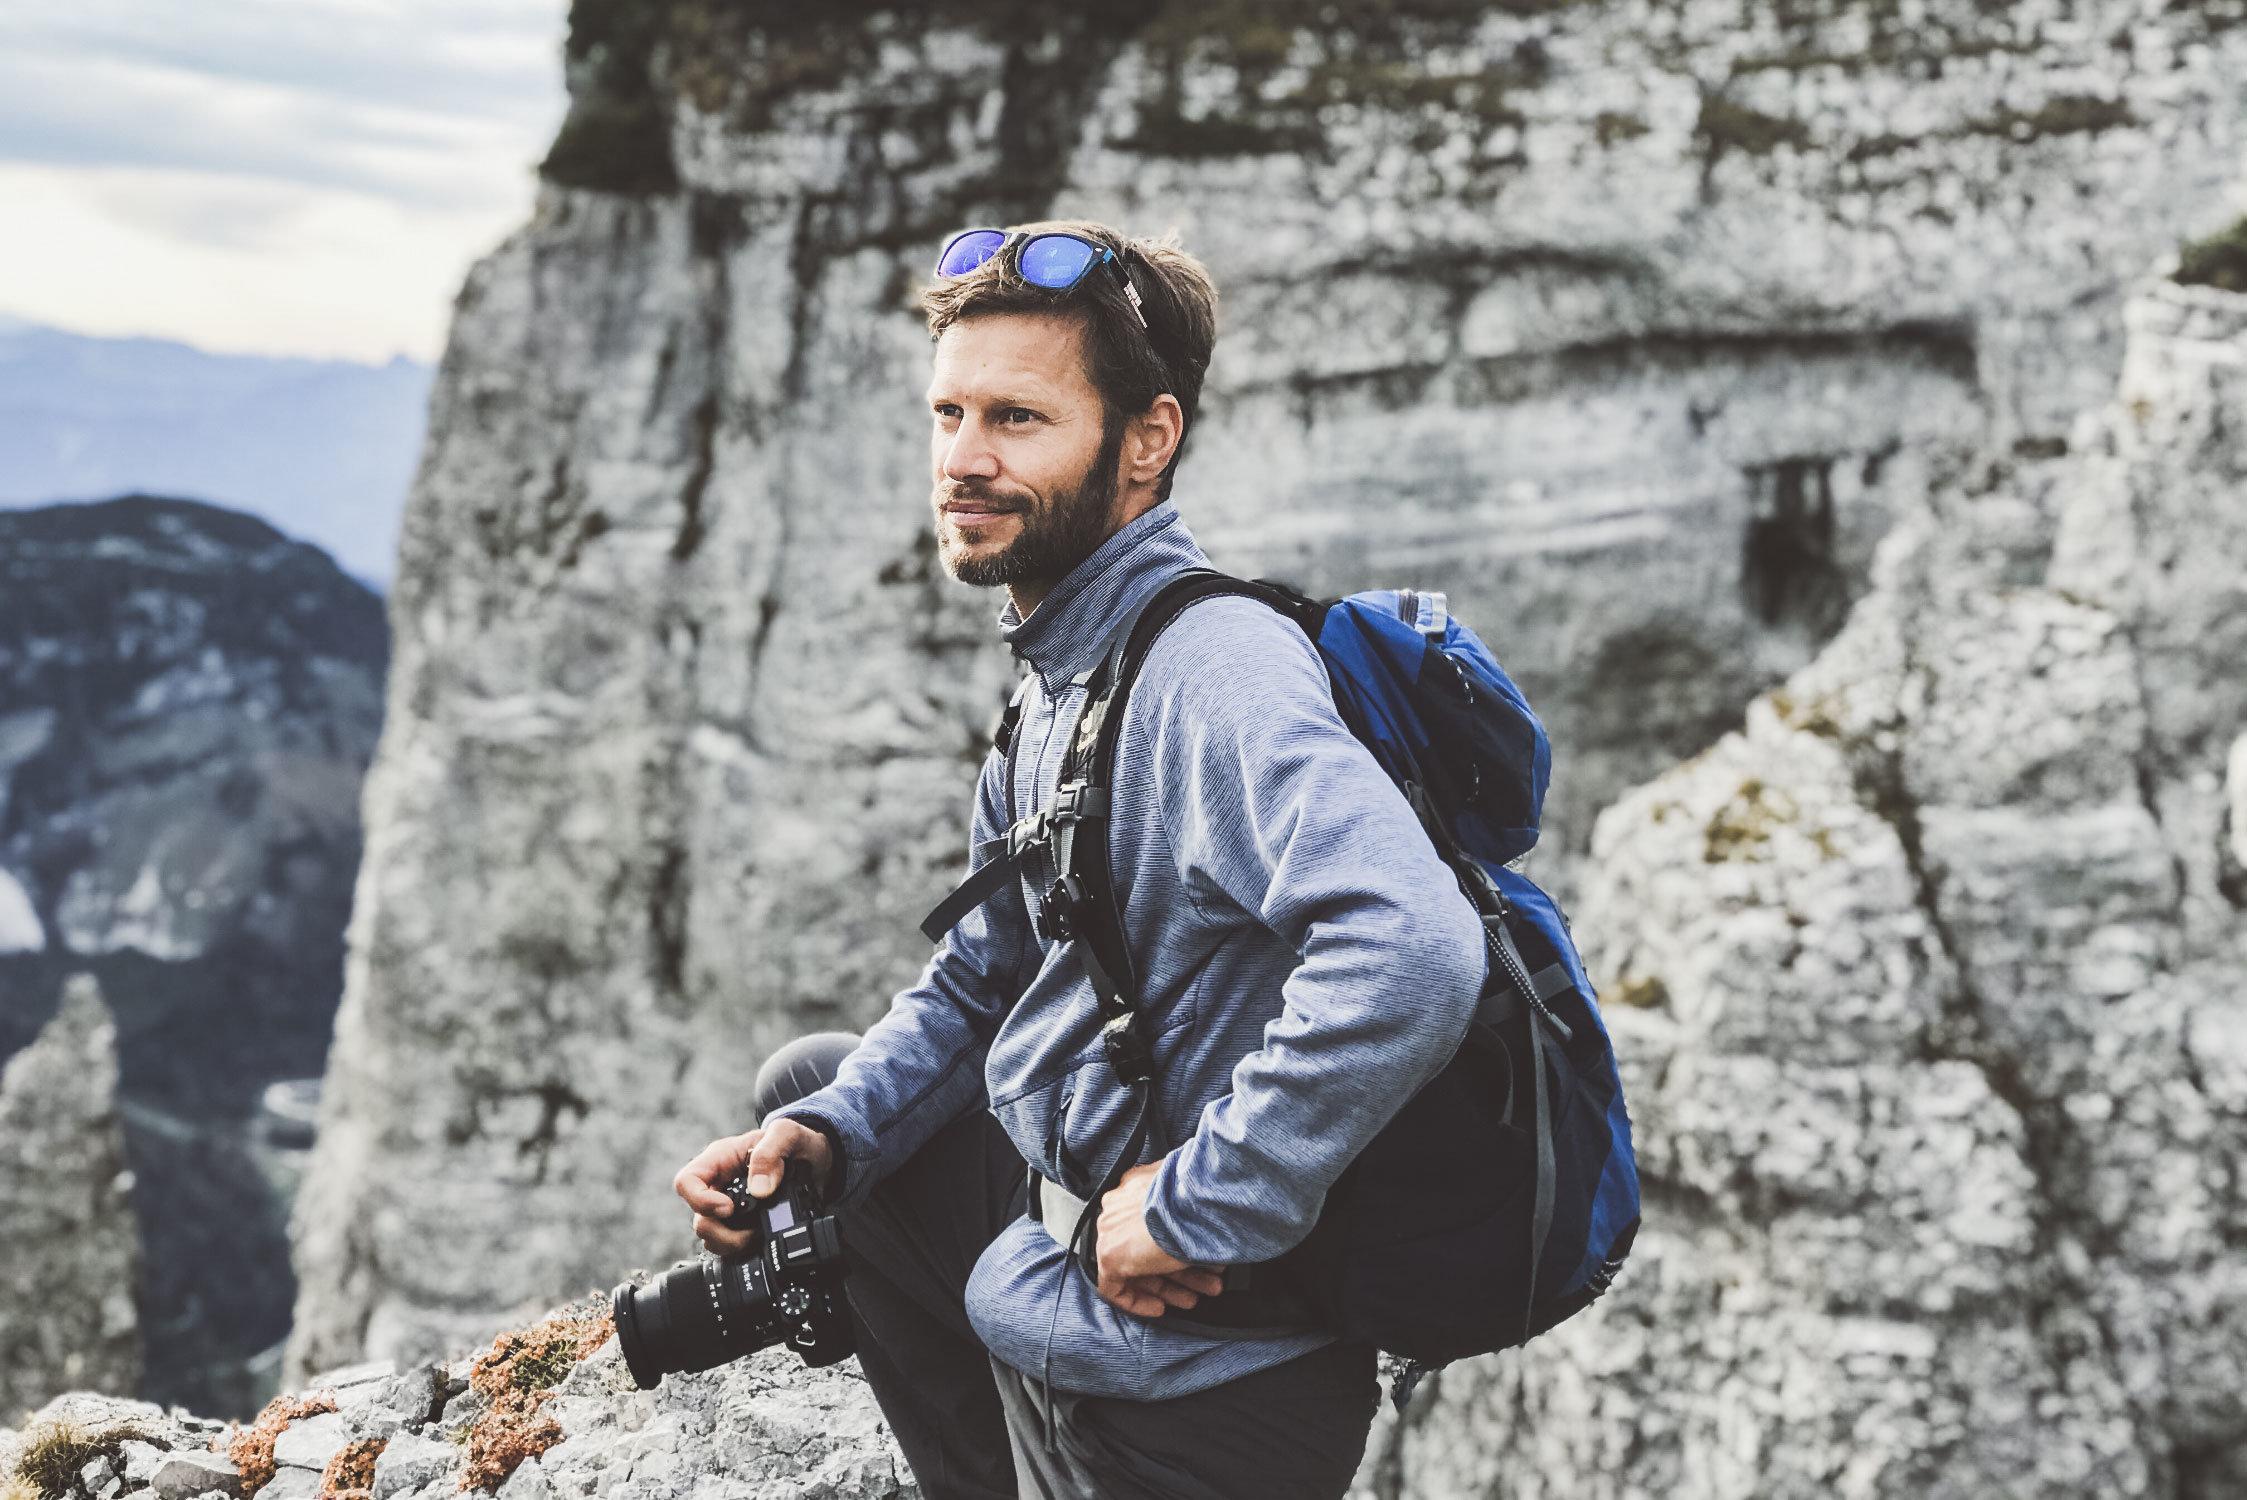 Fotograf Klaus Krumboeck am Loser in Altaussee